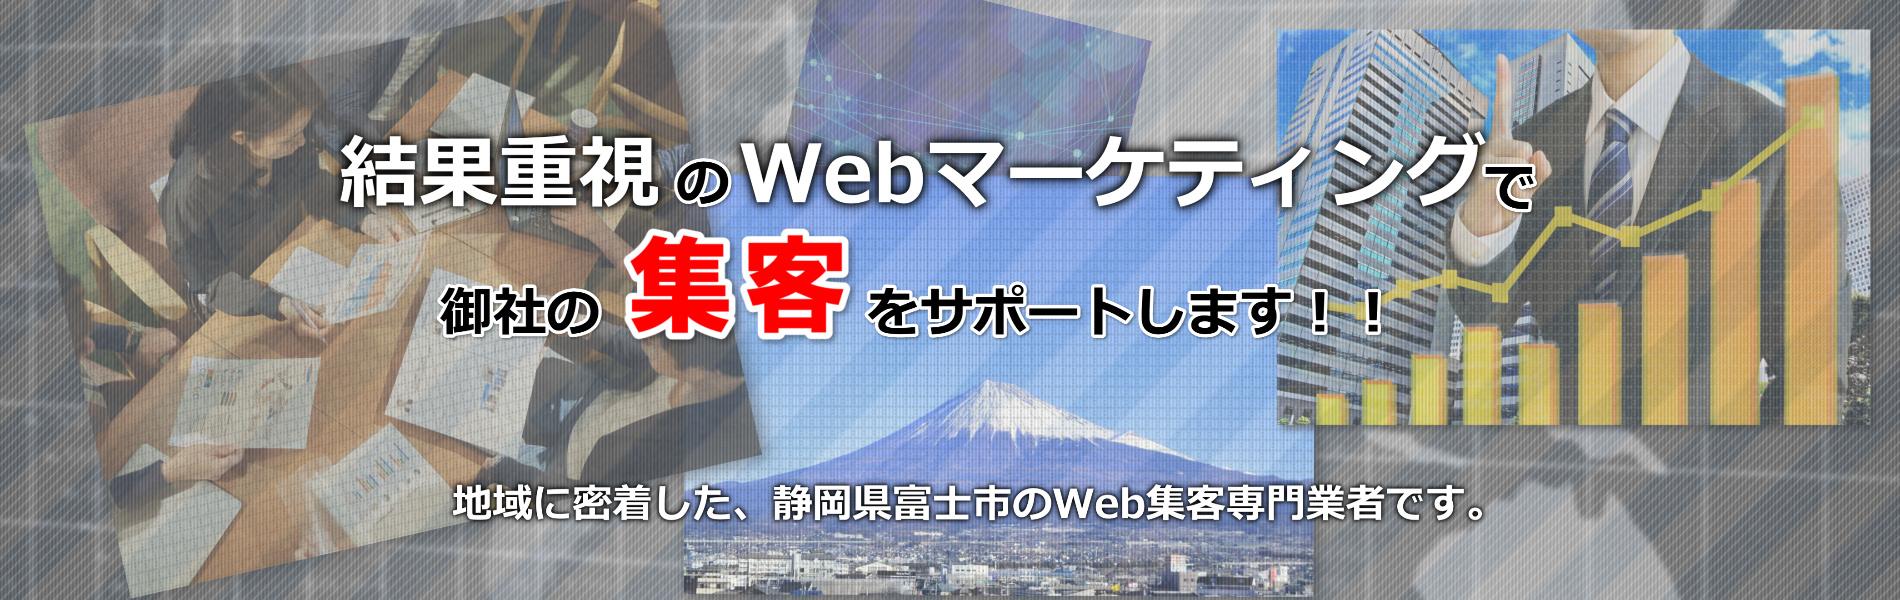 静岡県富士市のWEBマーケティング会社